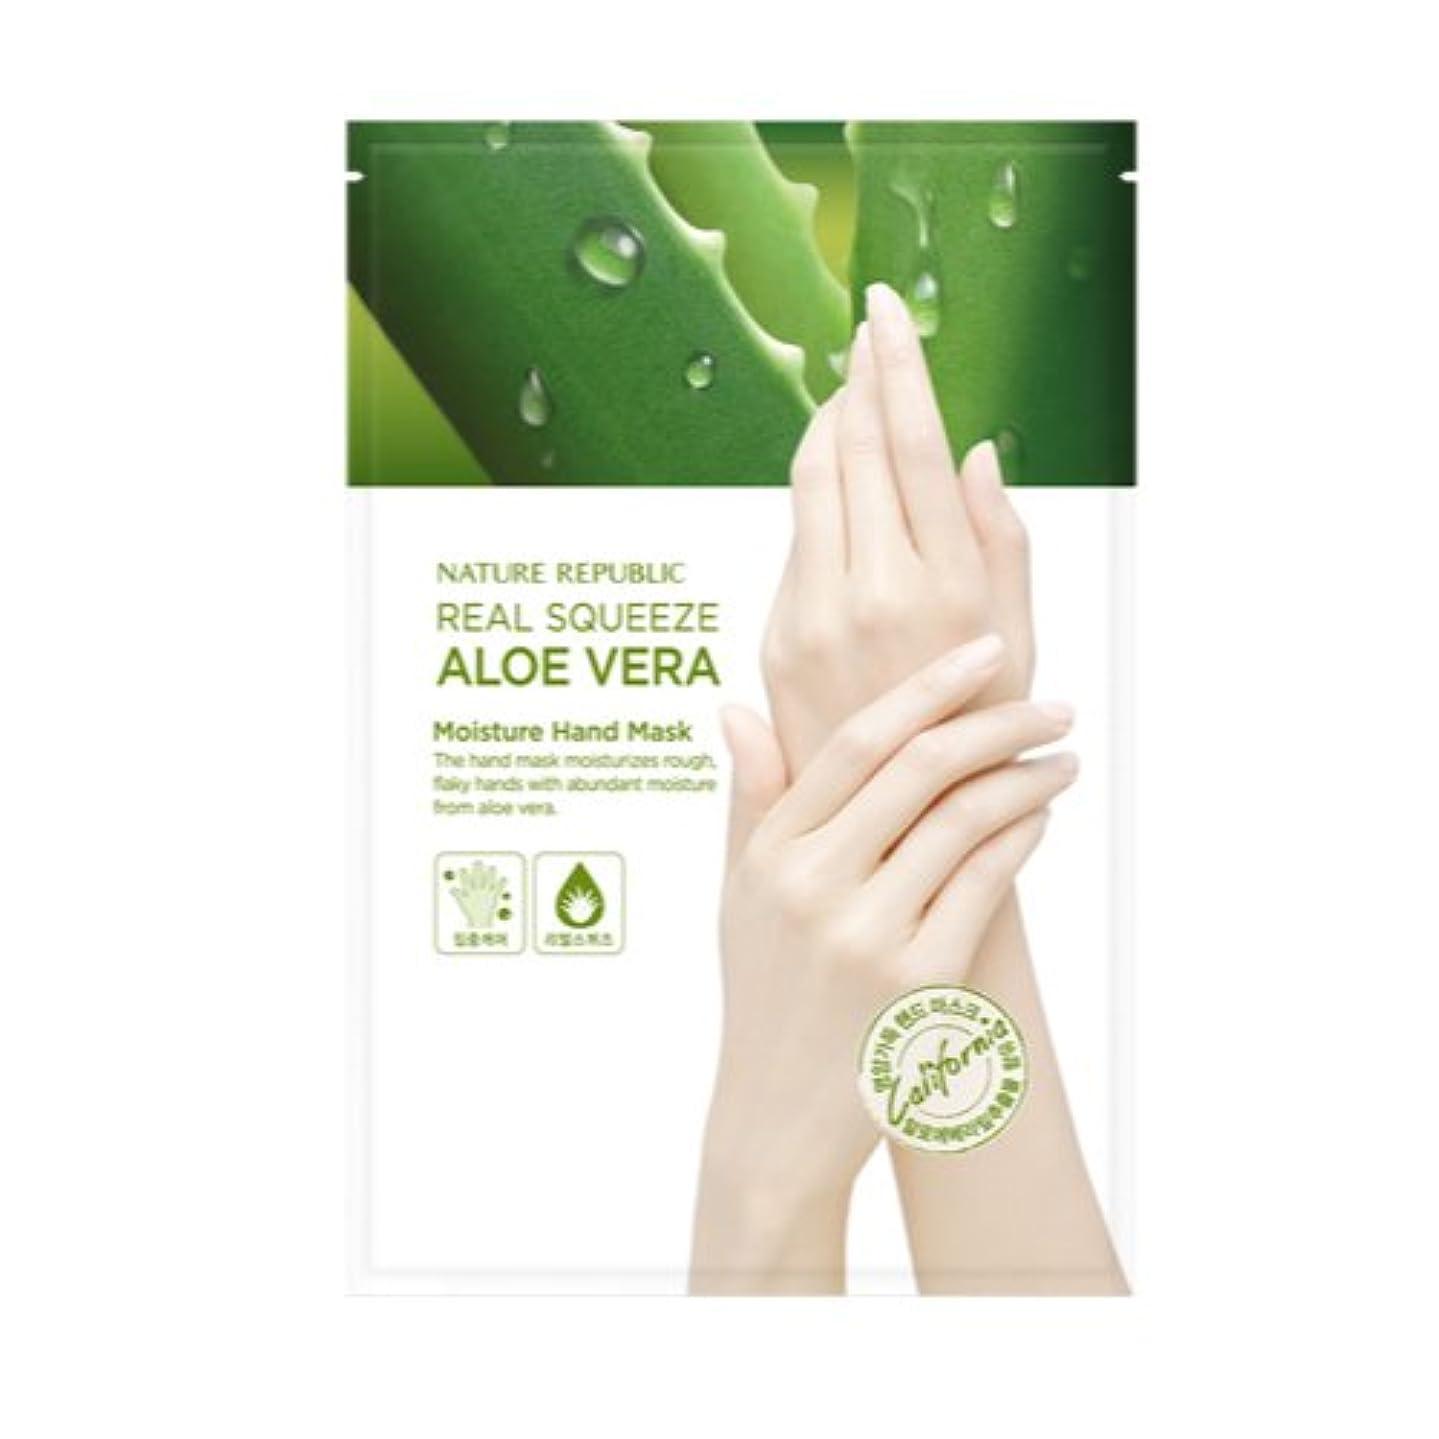 登場若い火山学[ネイチャーリパブリック] Nature republicリアルスクイズアロエベラモイスチャーハンドマスク(2枚入1回分)海外直送品(Real Squeeze Aloe Vera Moisture Hand Mask)...